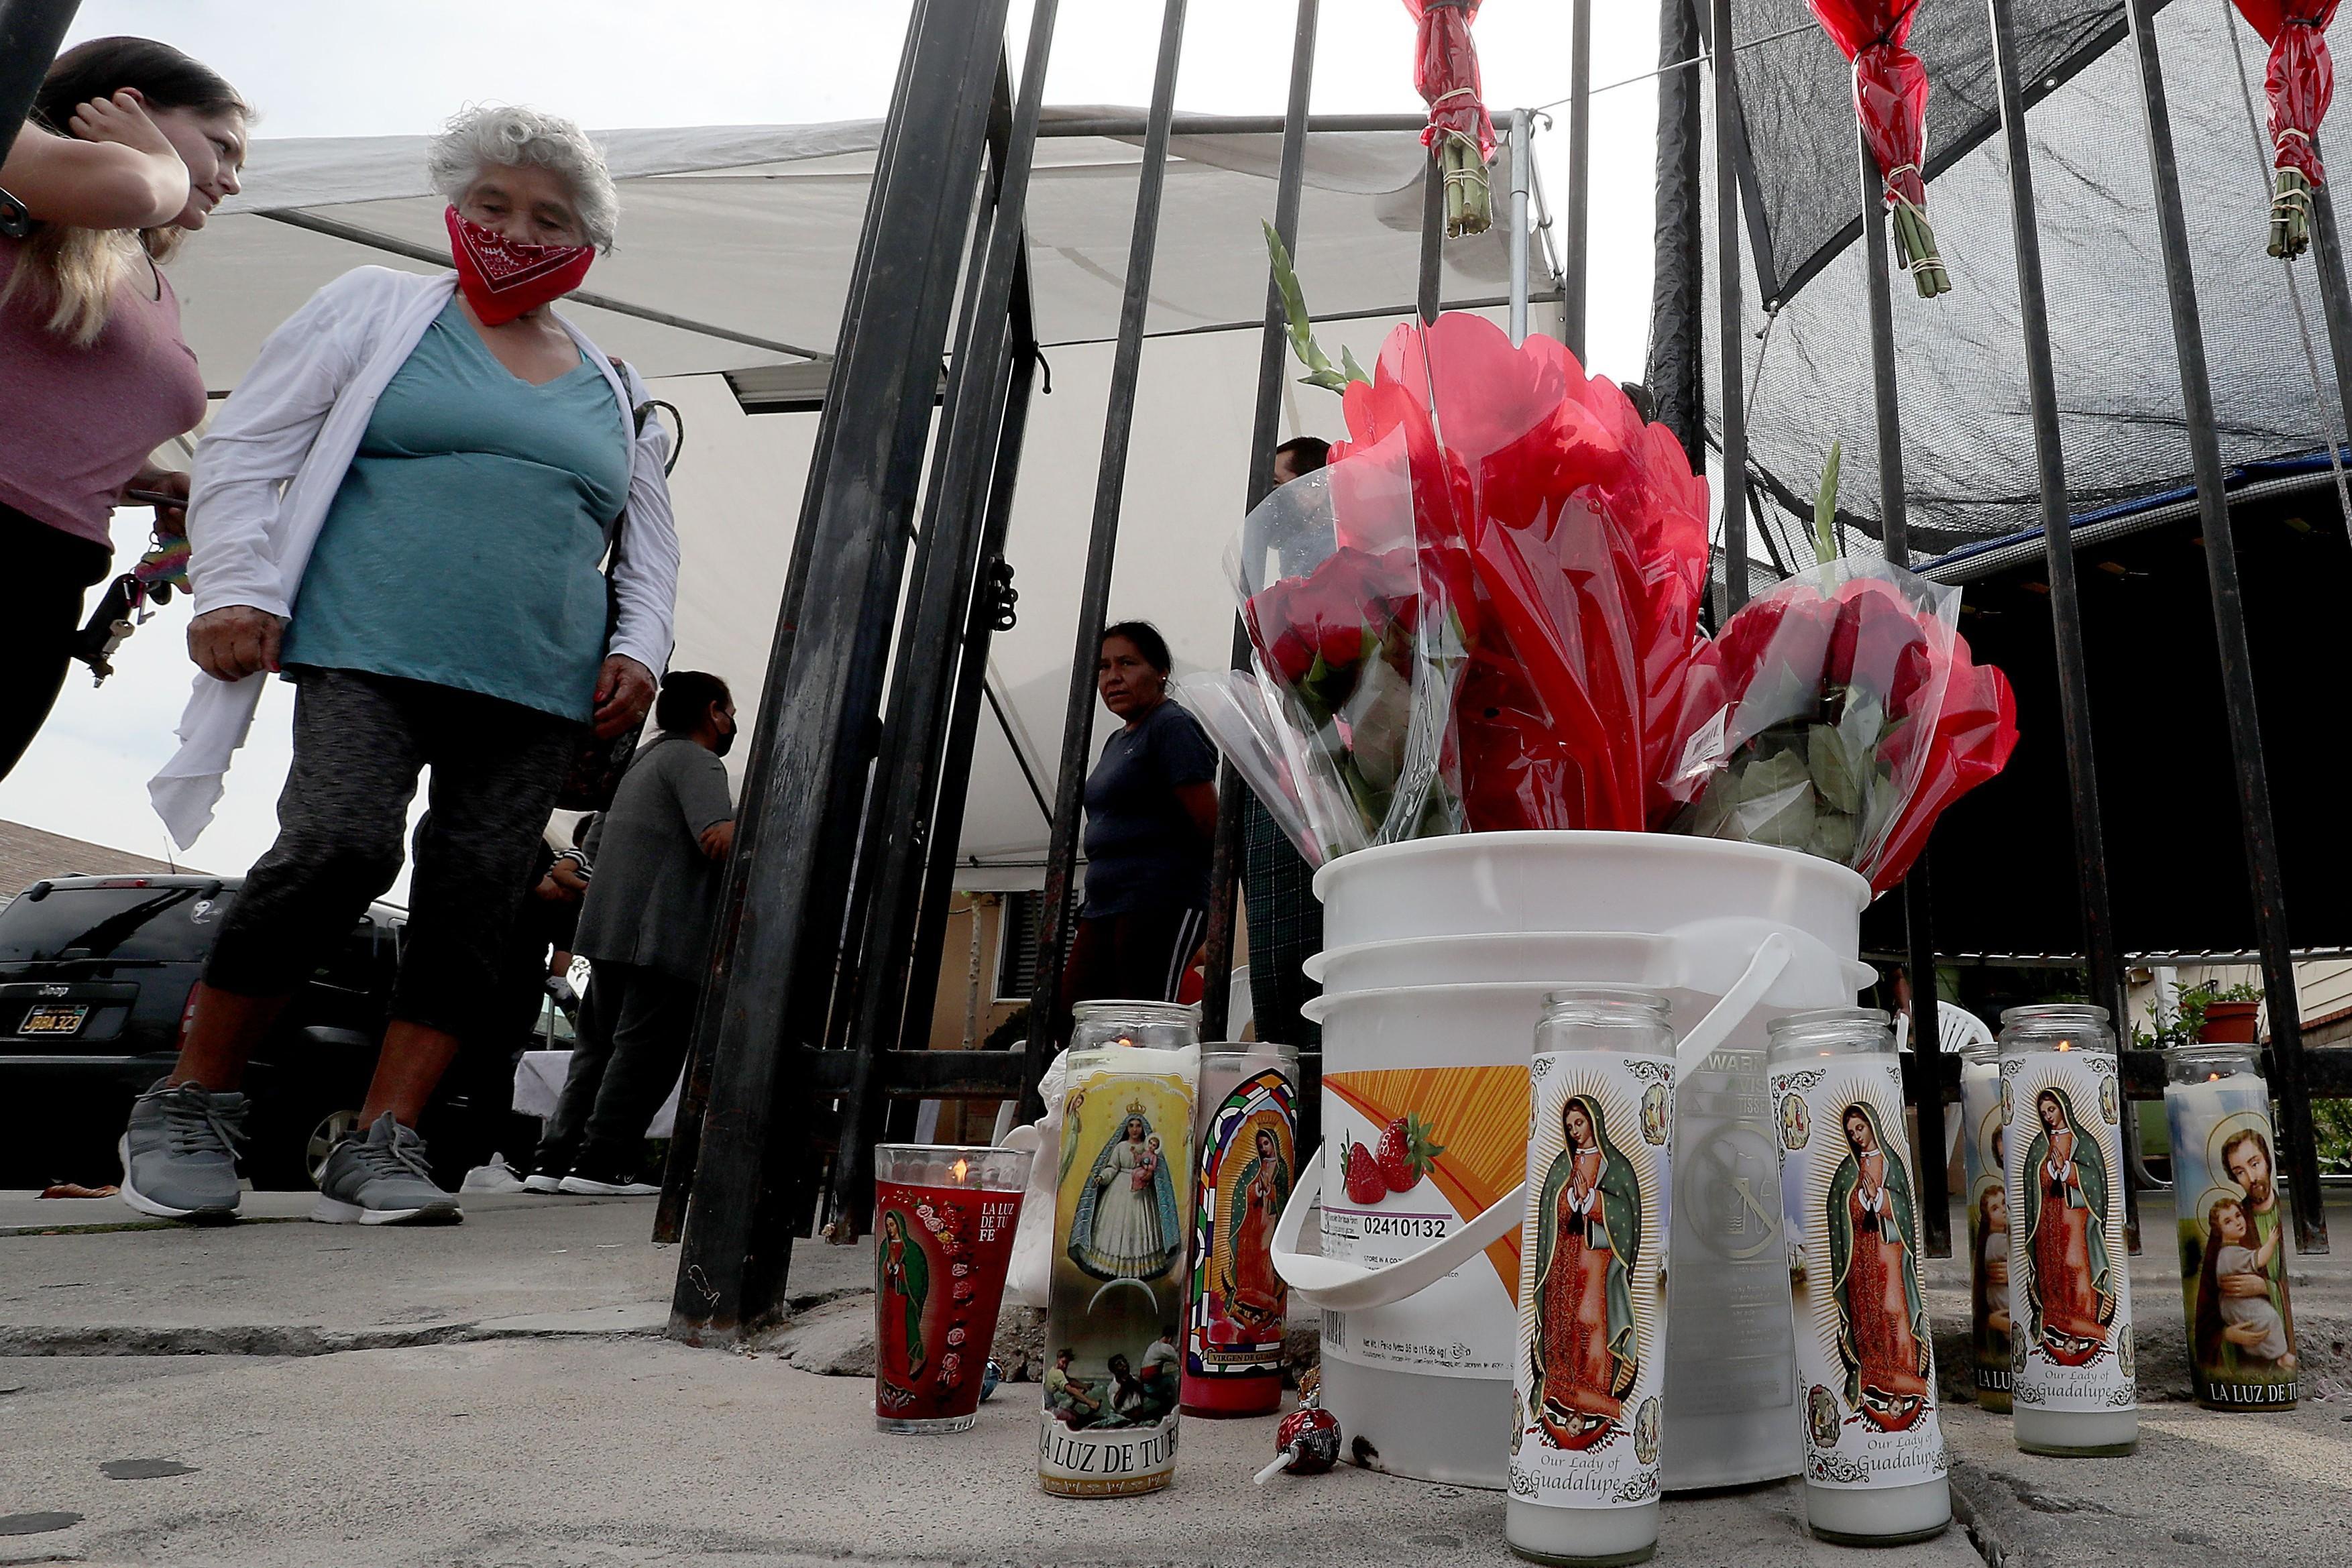 O mamă din SUA și-a ucis cei trei copii, după un presupus episod de depresie post-natală